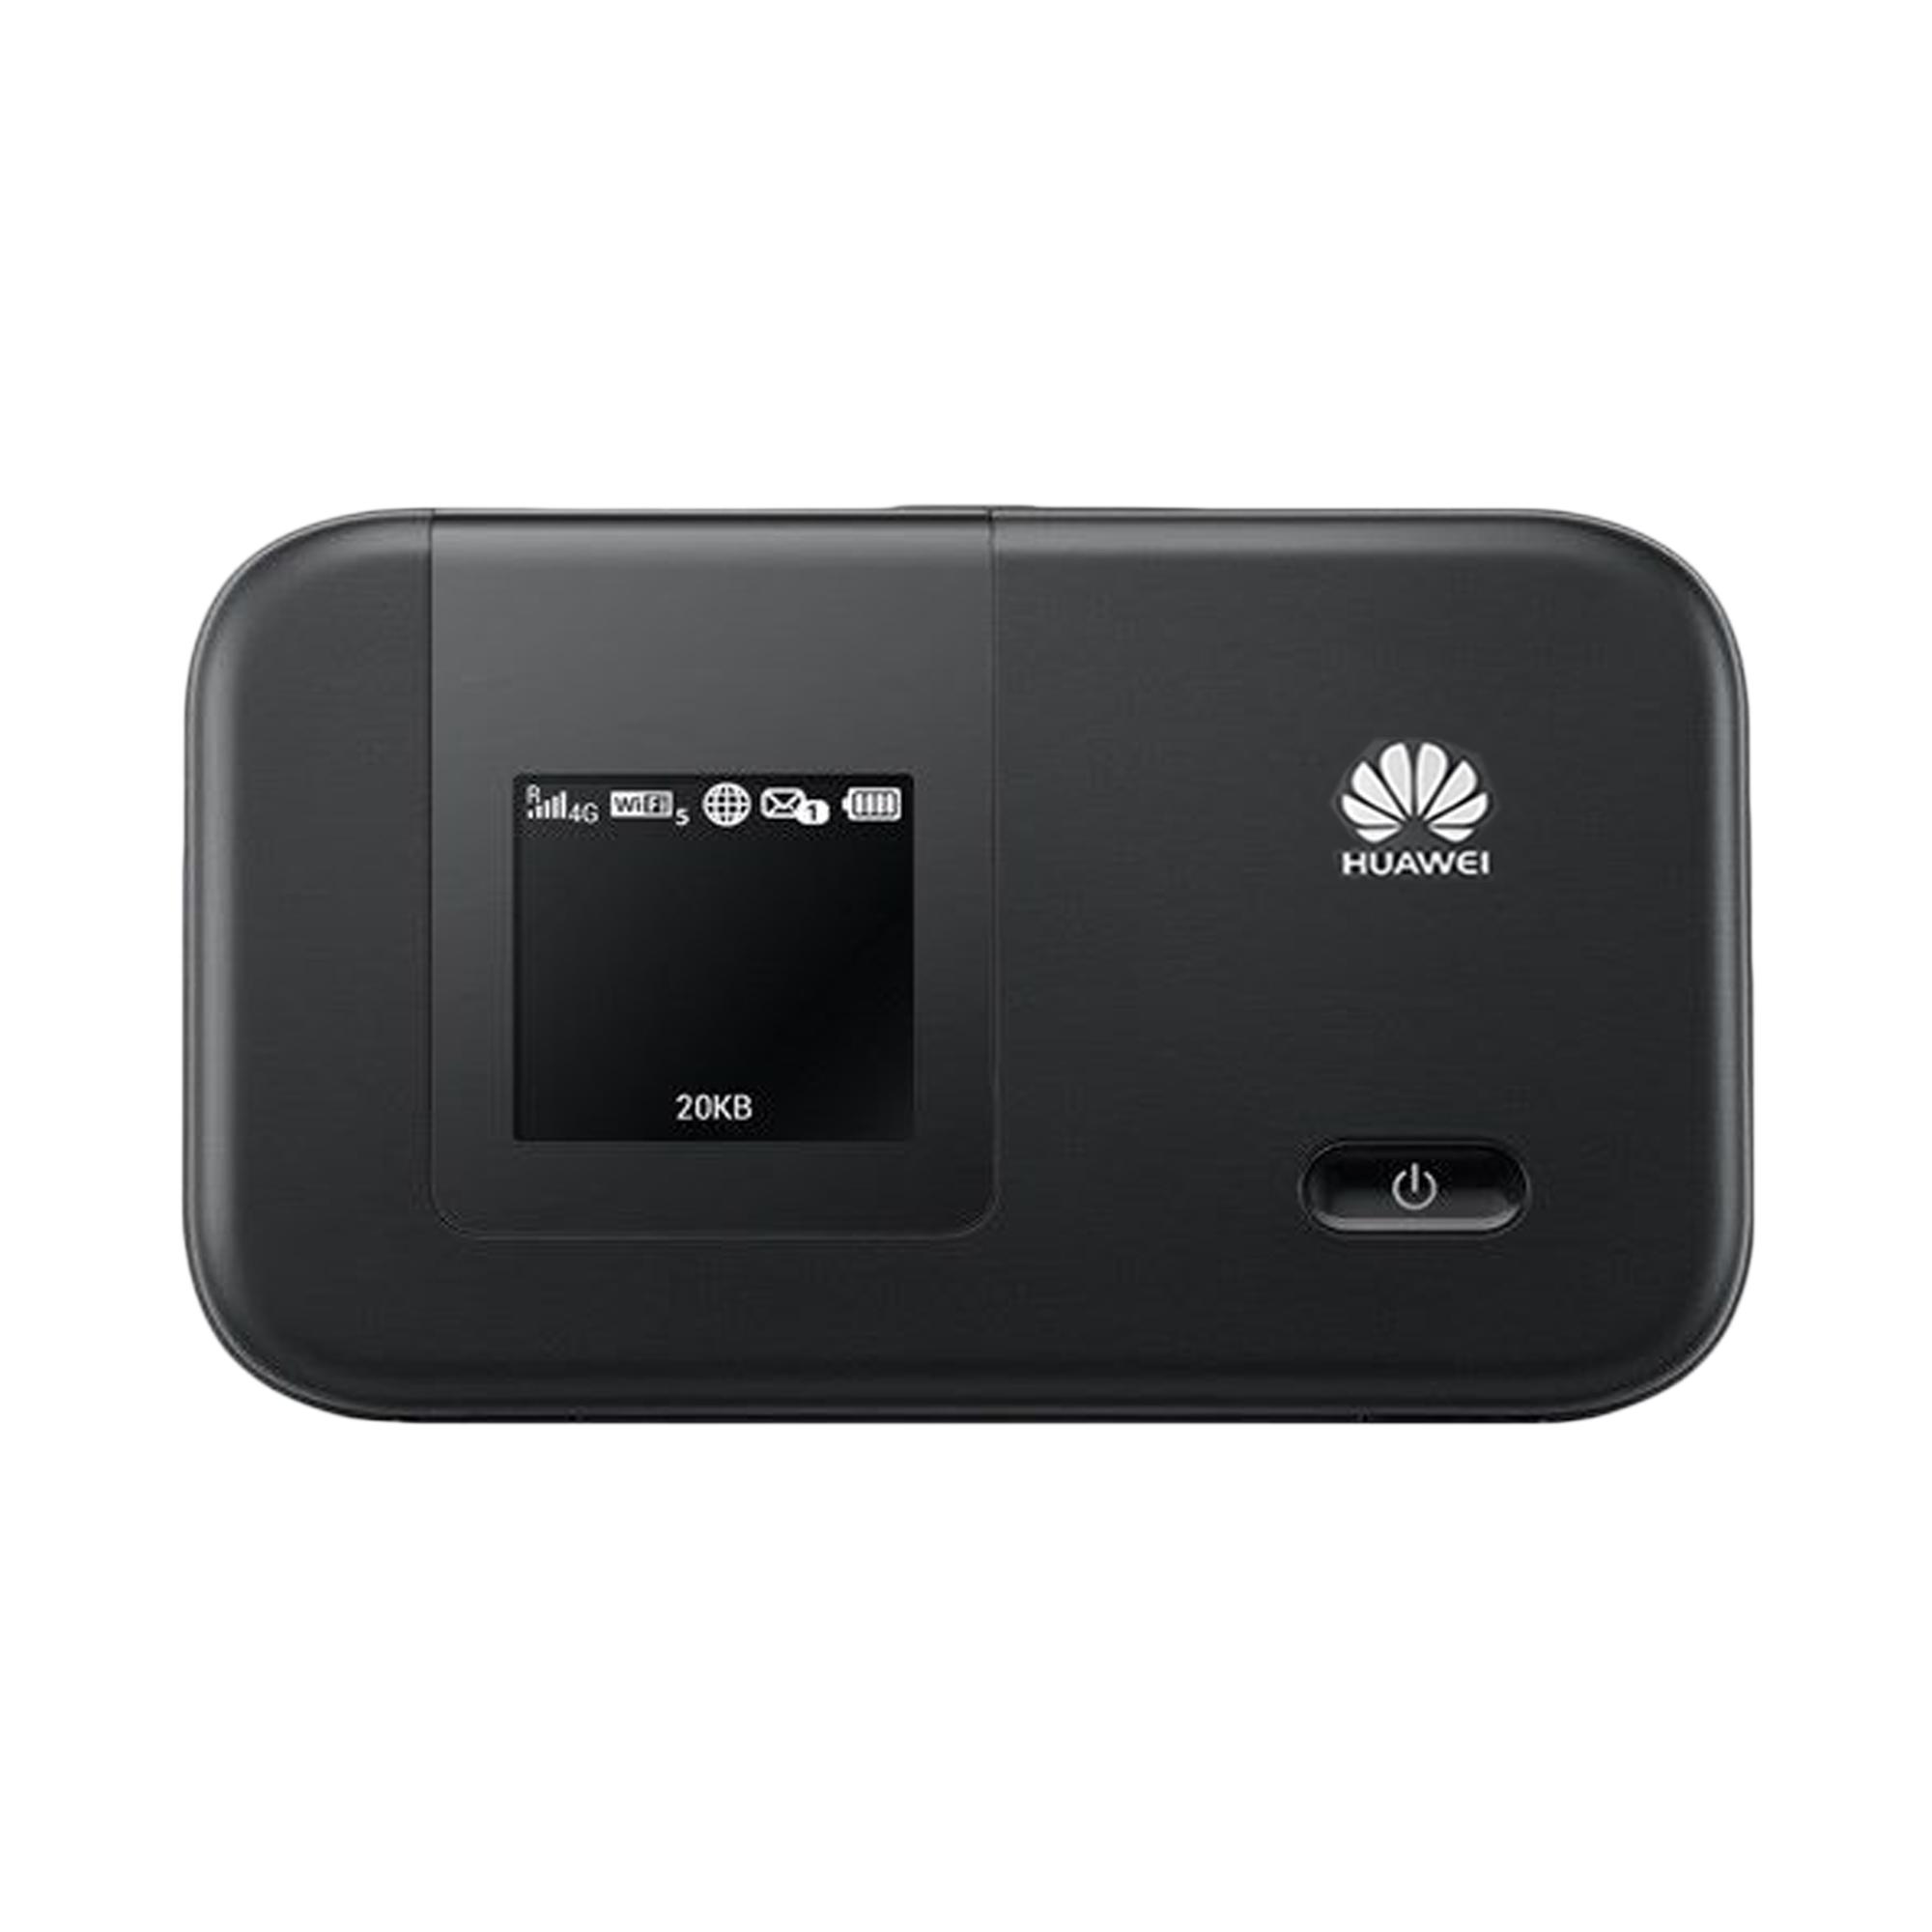 مودم 4G LTE قابل حمل هوآوی مدل E5372